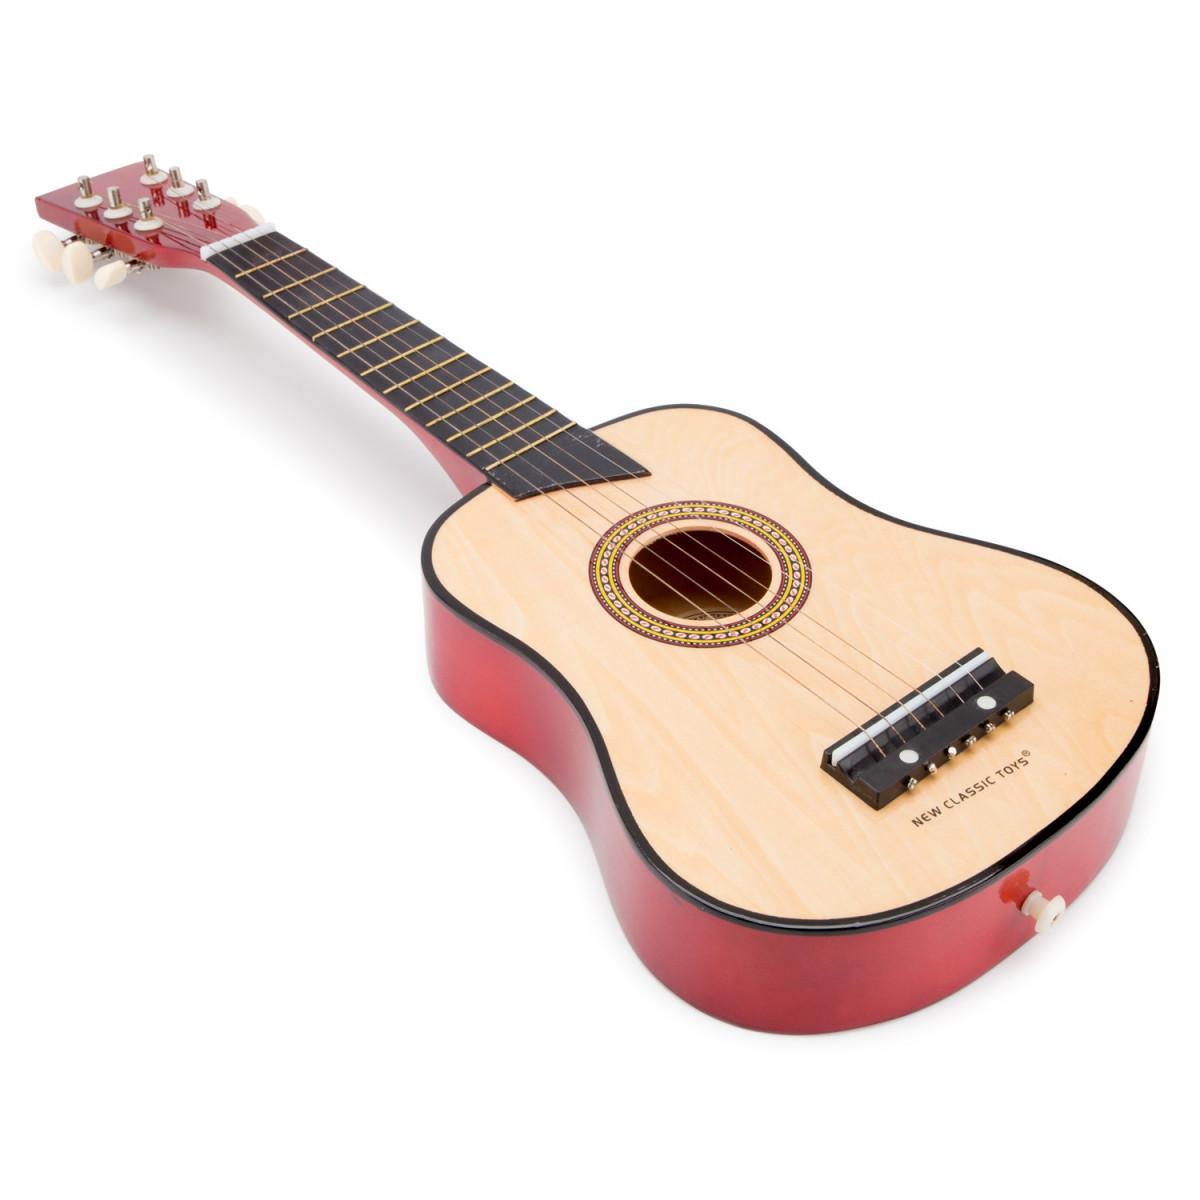 Guitare jouet Deluxe  Brun naturel